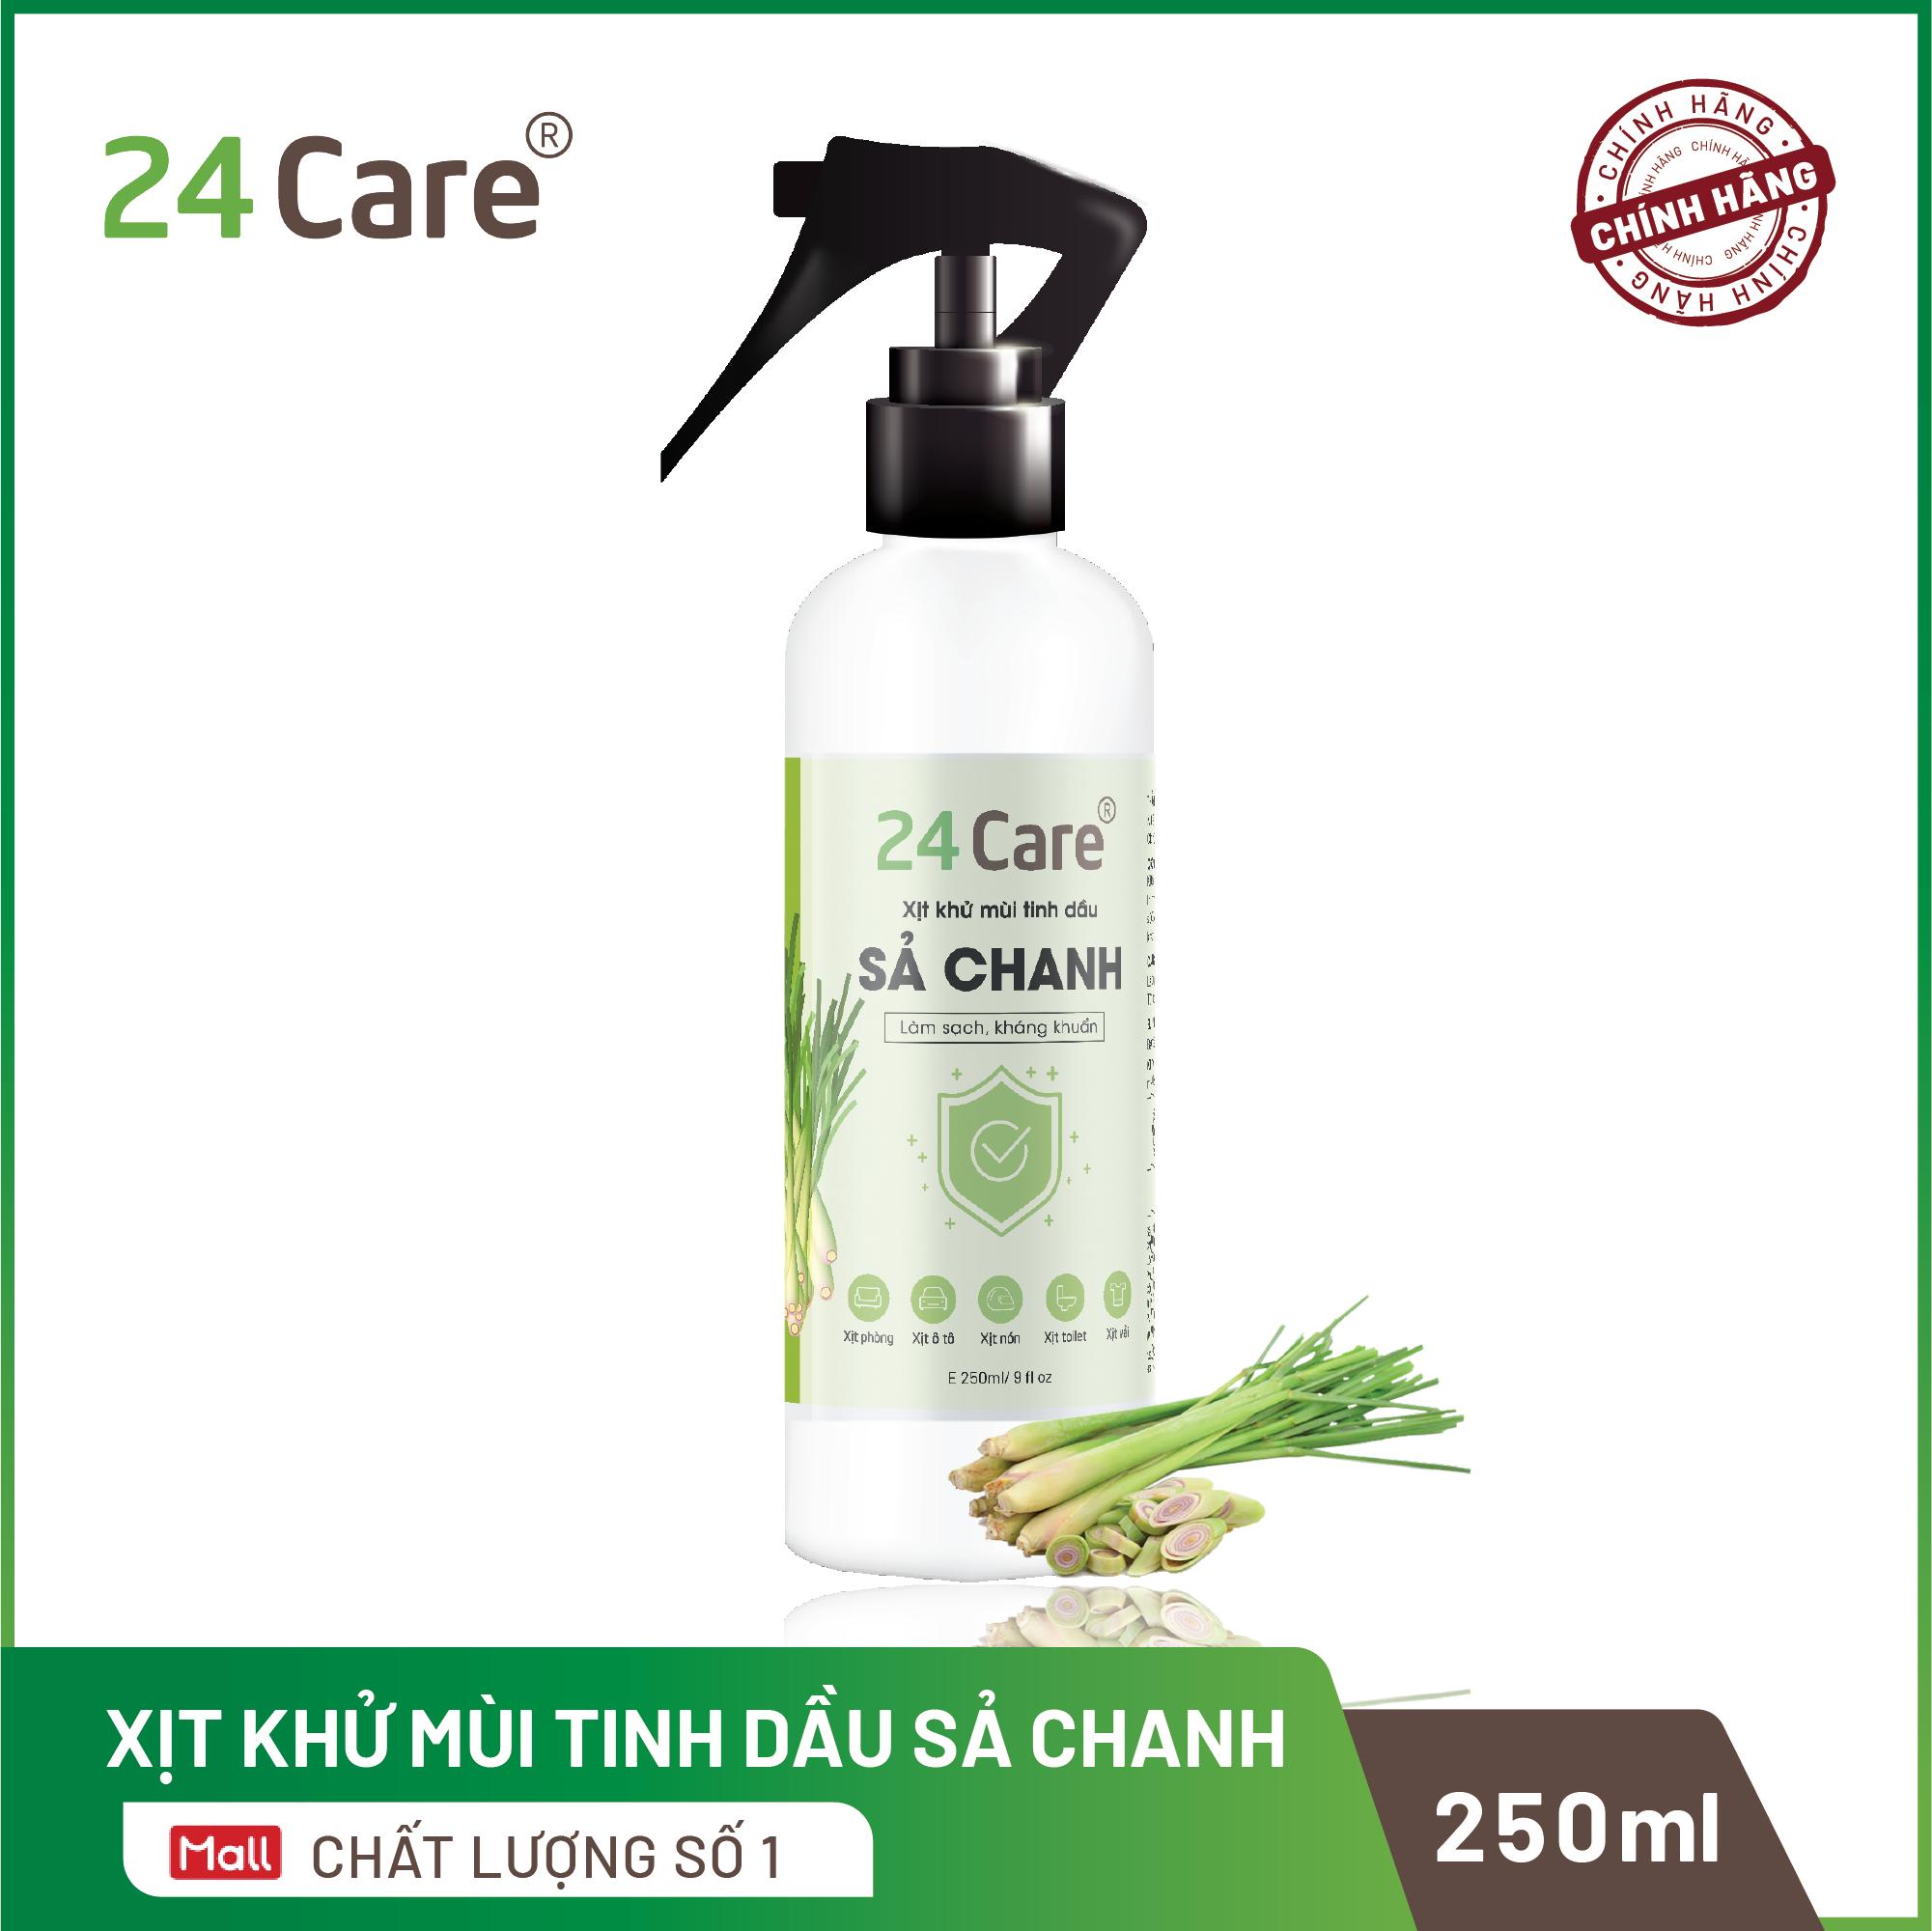 [Tự chọn 9 mùi] Xịt Phòng Tinh Dầu Hữu Cơ Organic 24Care 250ML – Kháng khuẩn – Khử mùi hôi – Đuổi muỗi, kiến ba khoan,Vắt – côn trùng – Hương thơm thư giãn